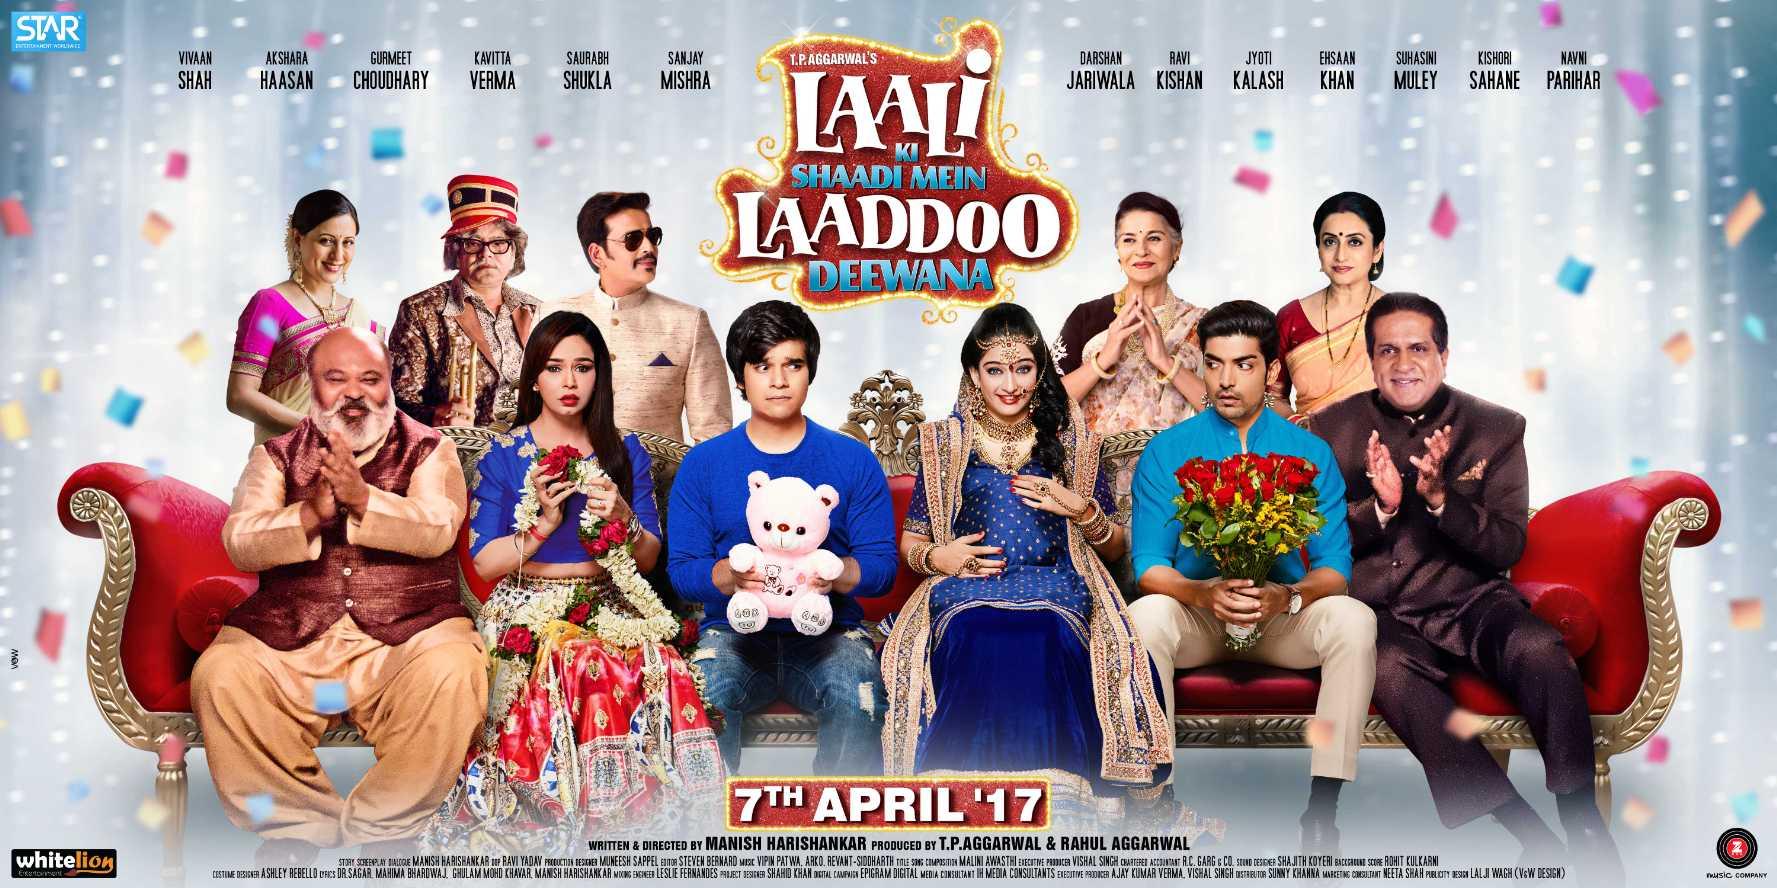 Laali ki shaadi mein laddoo deewana movie poster